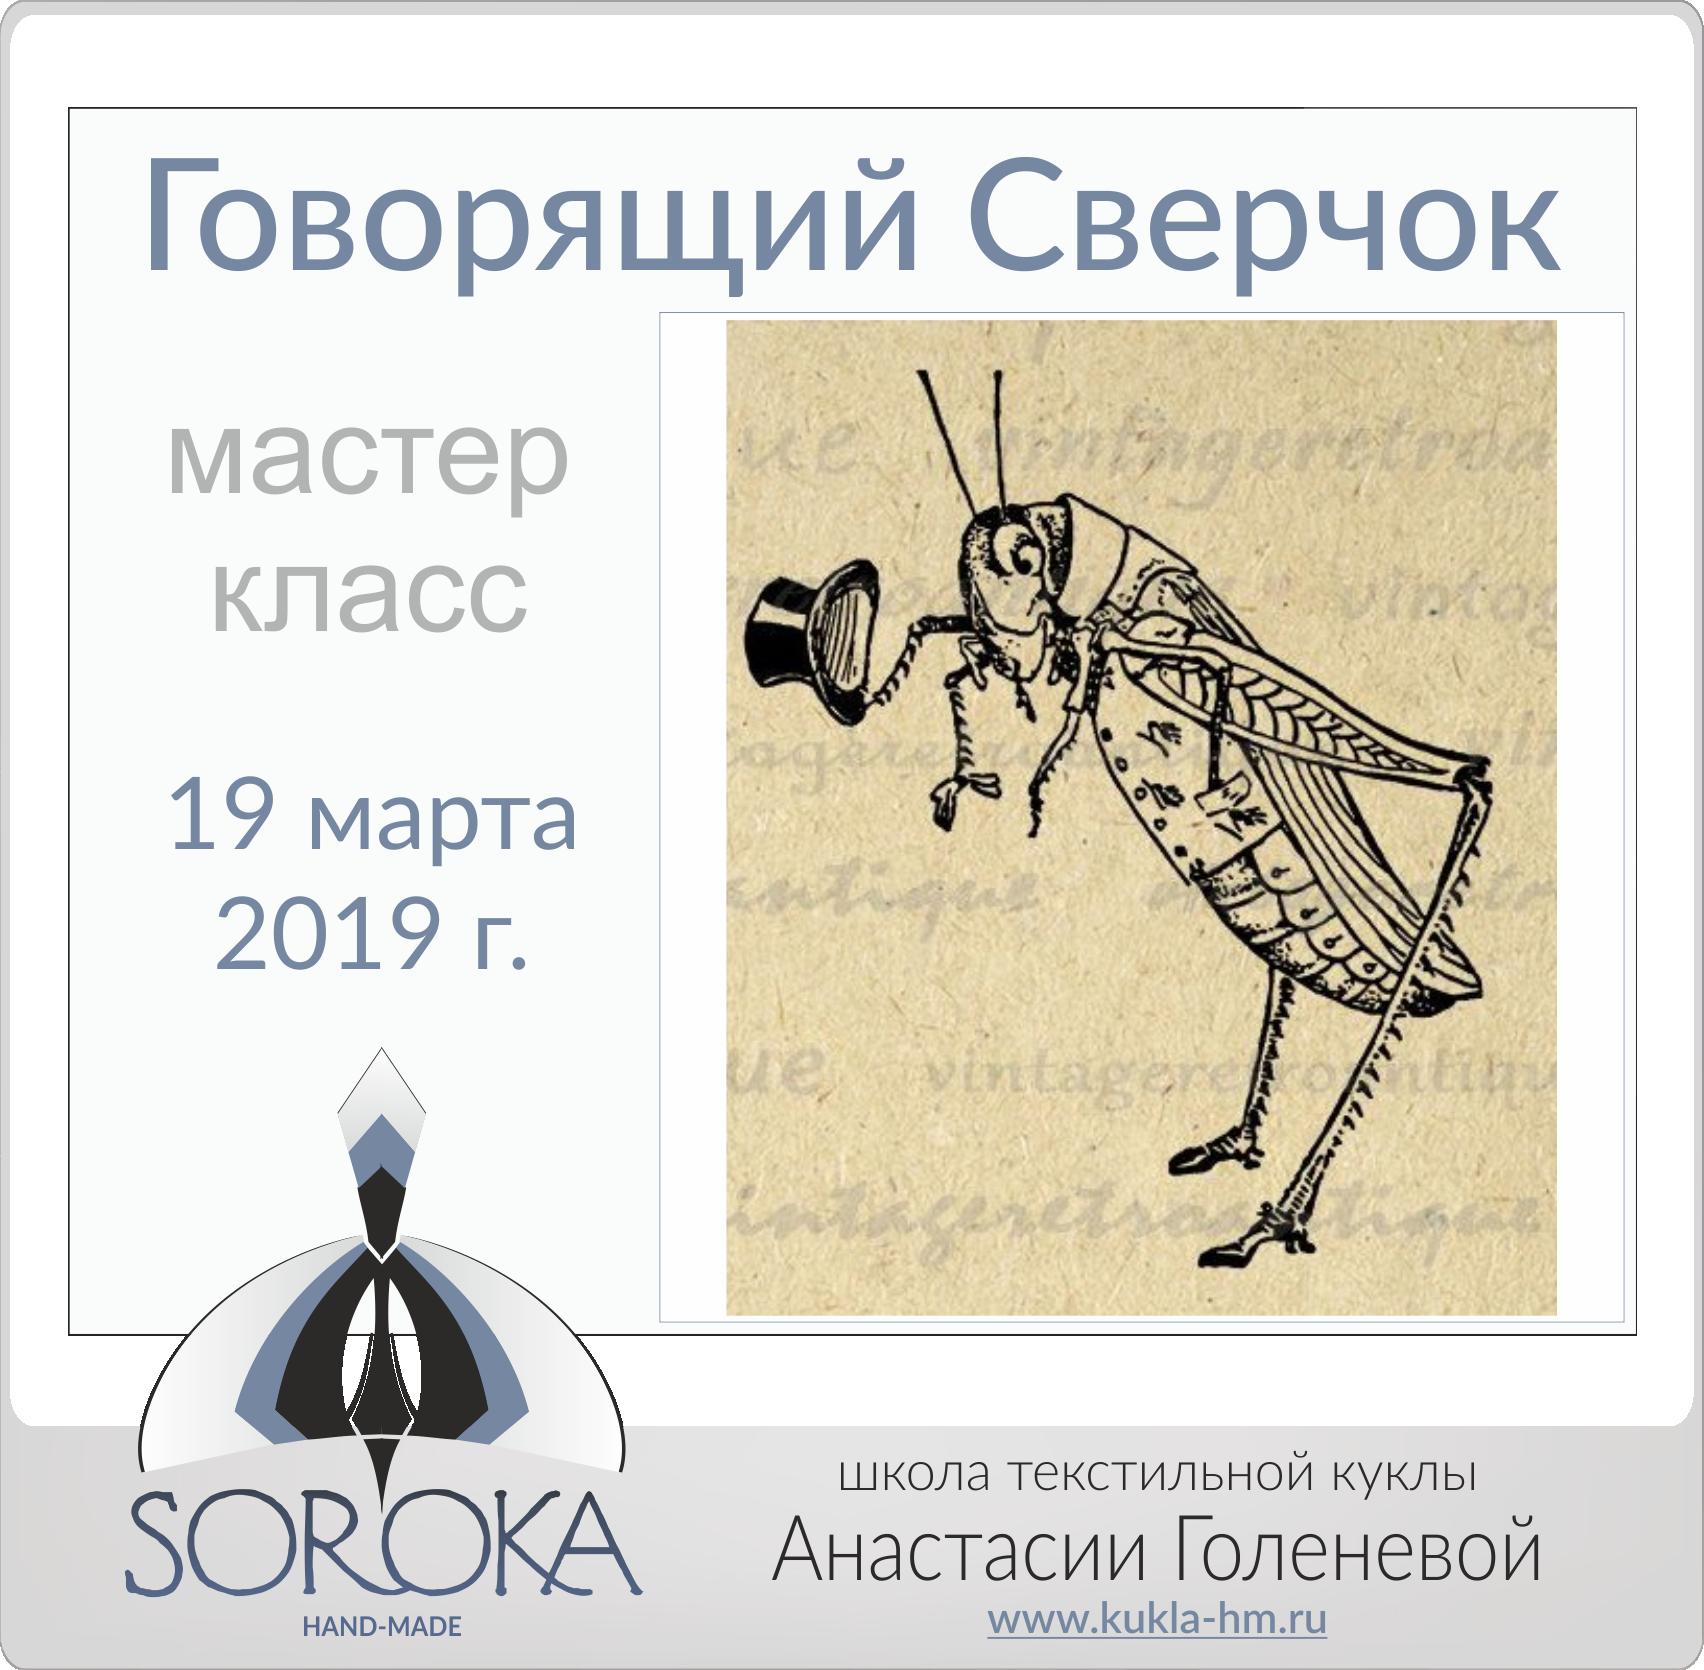 sverchok_2.png